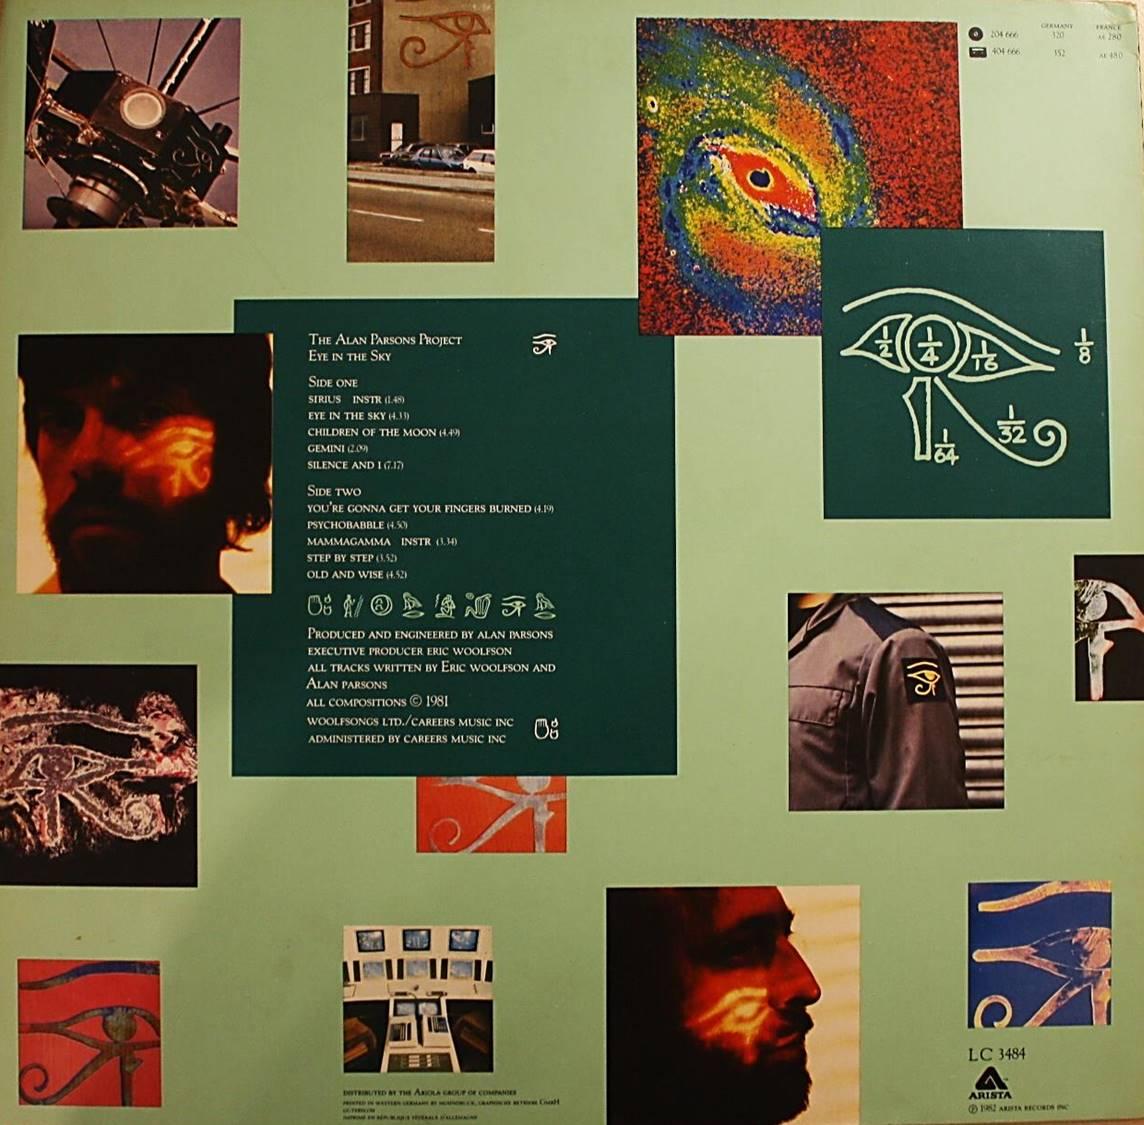 Hinten: Song-Liste (Mitte), rechts oben Katalog-Nr. rechts unten: Label Code, Verlag, Druckdatum